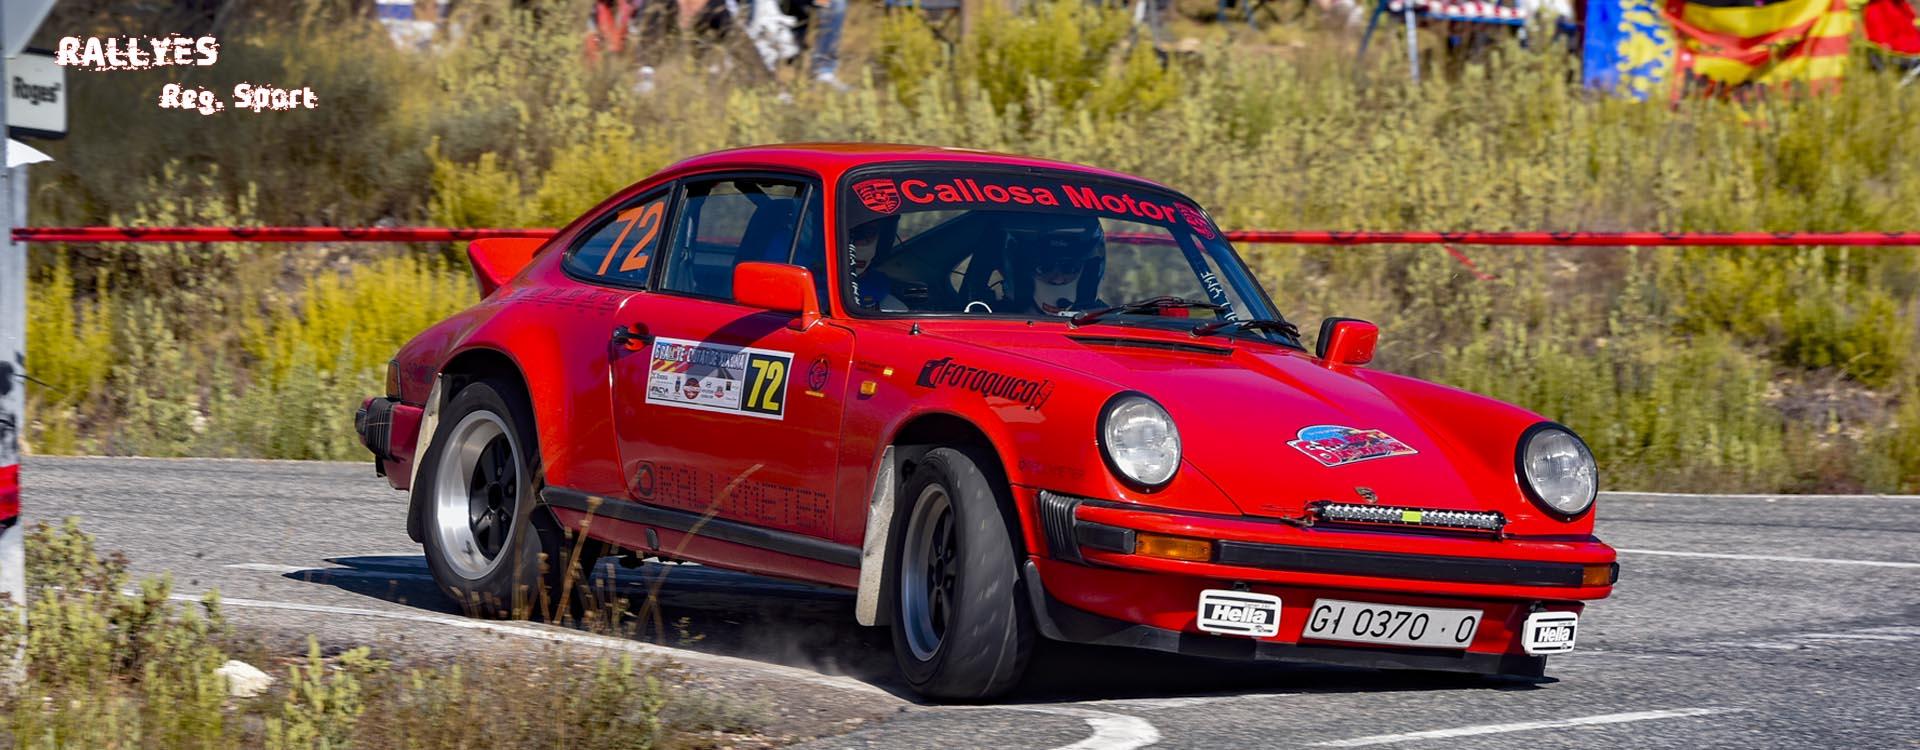 Rallye-Reg-Sport-web-2021